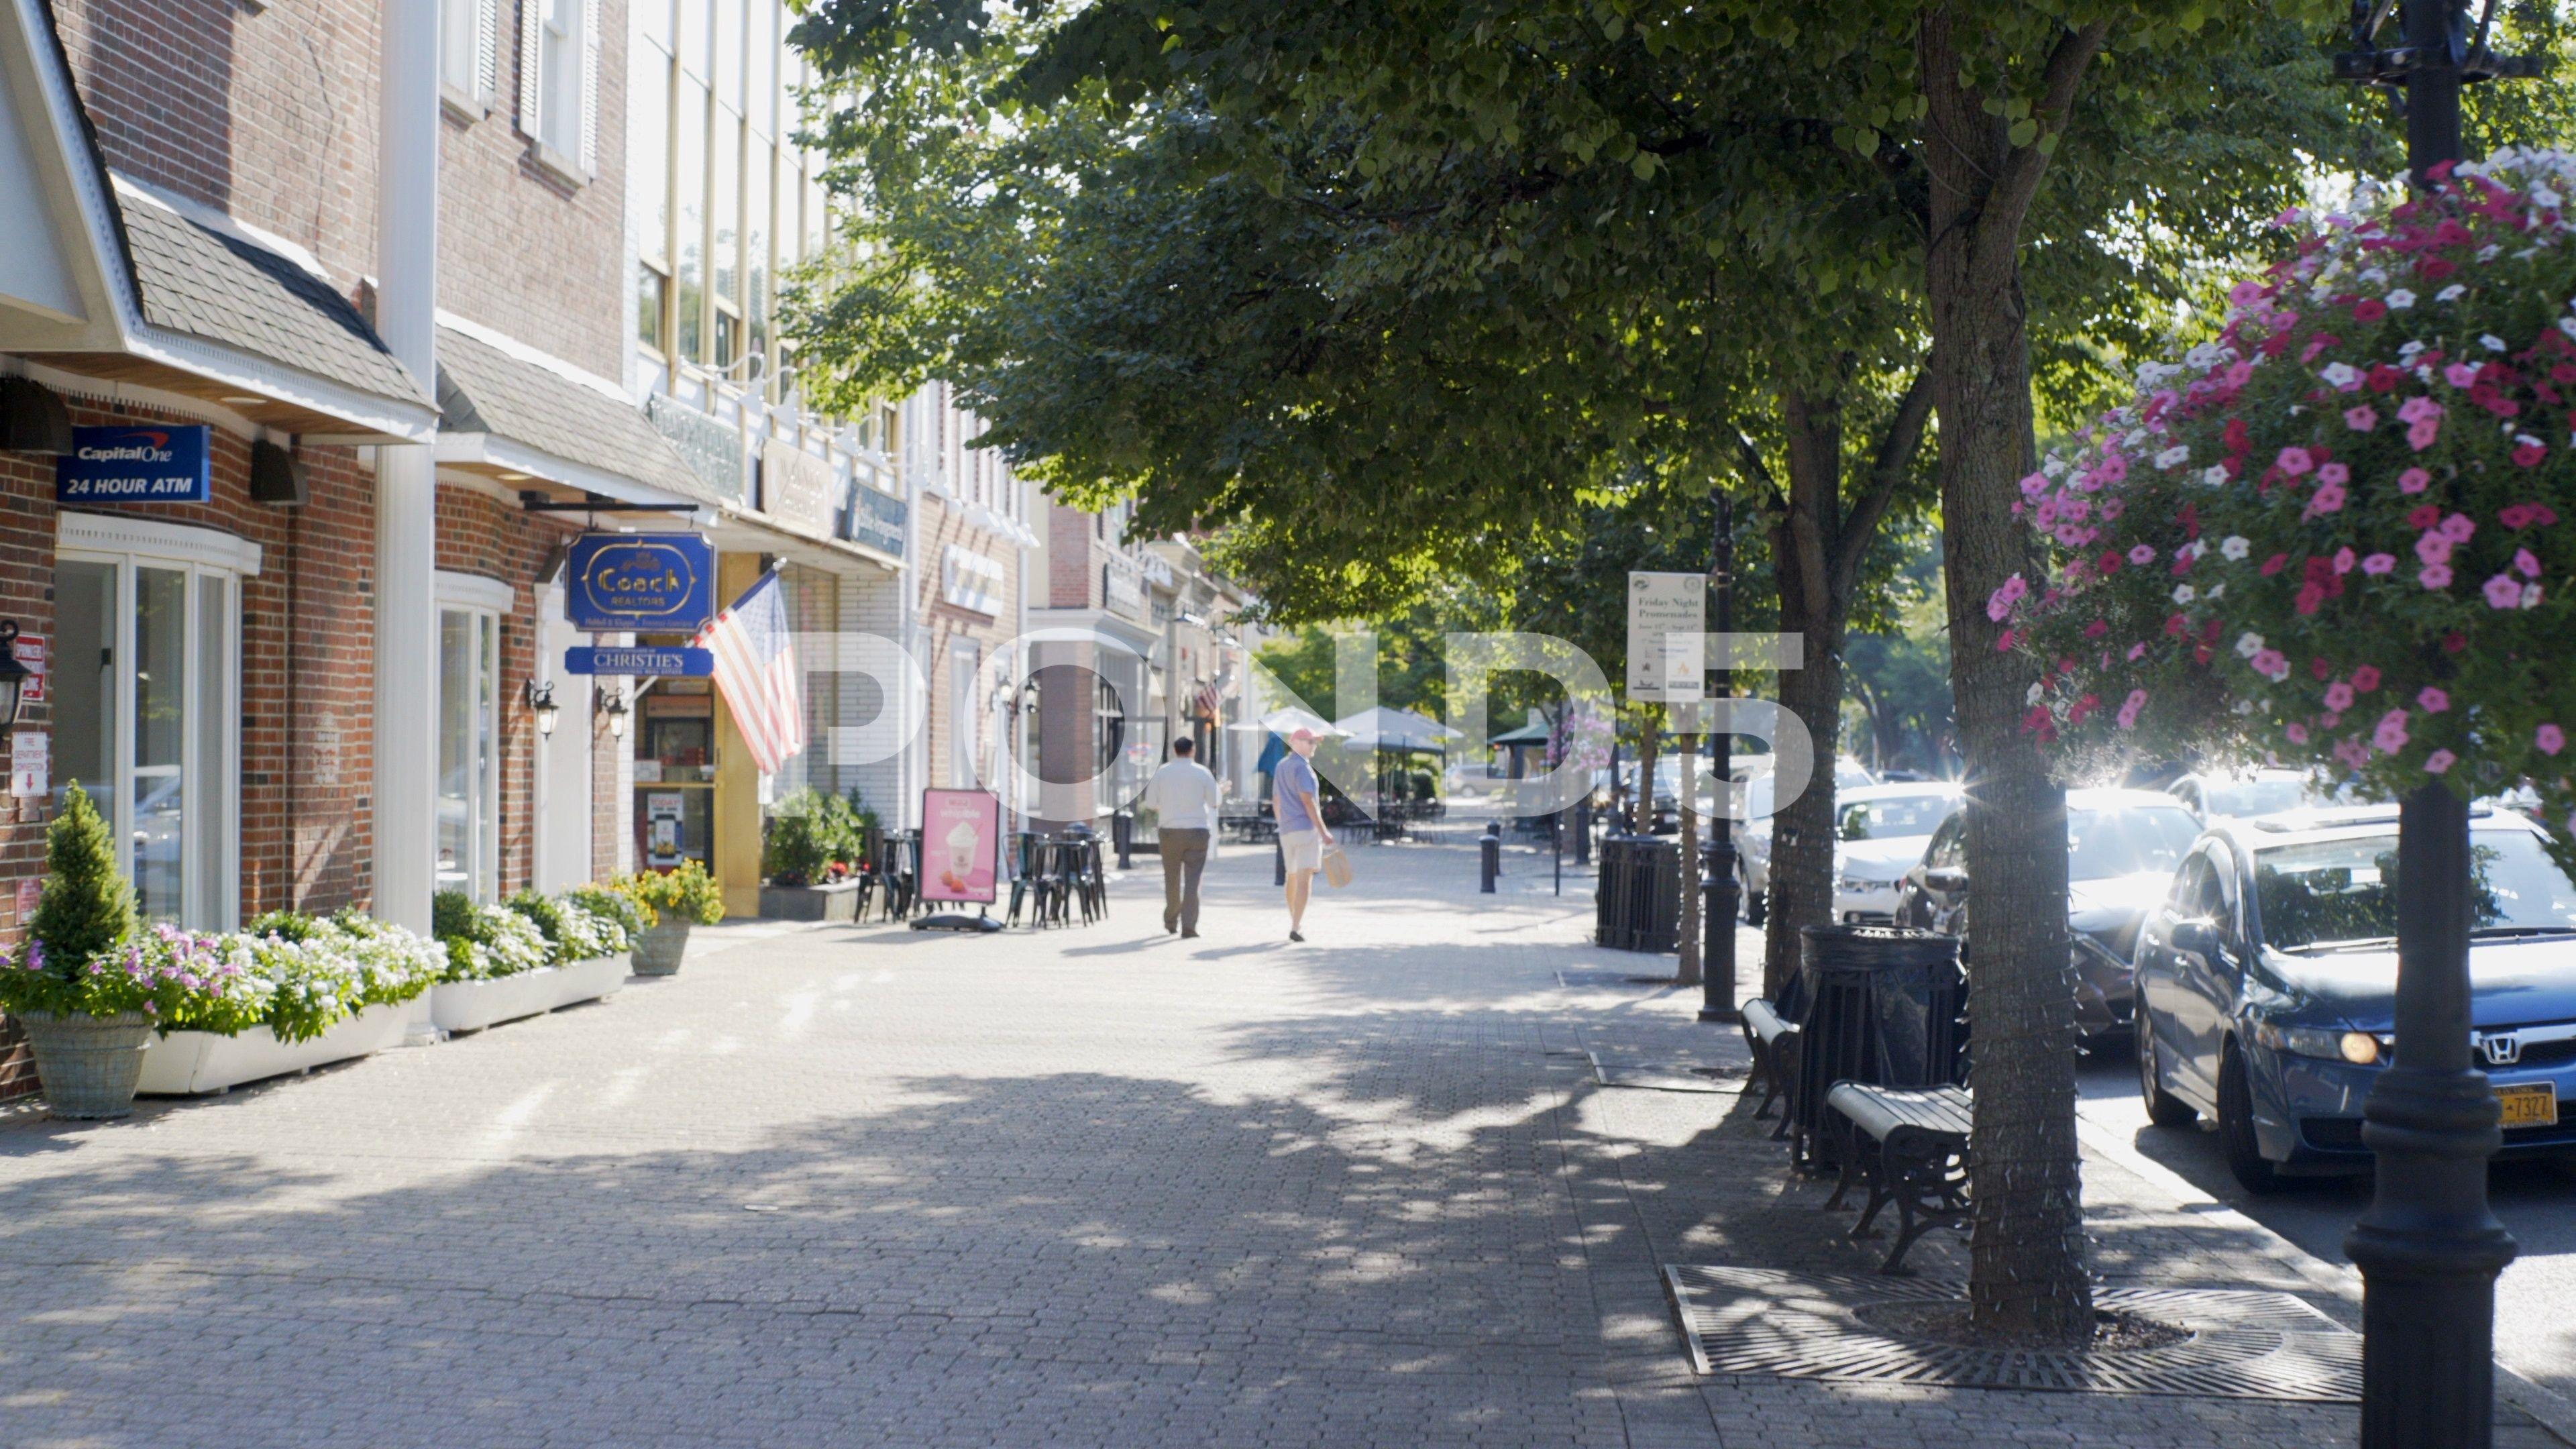 Pov Walking By Shops On The Sidewalk In Garden City Long Island